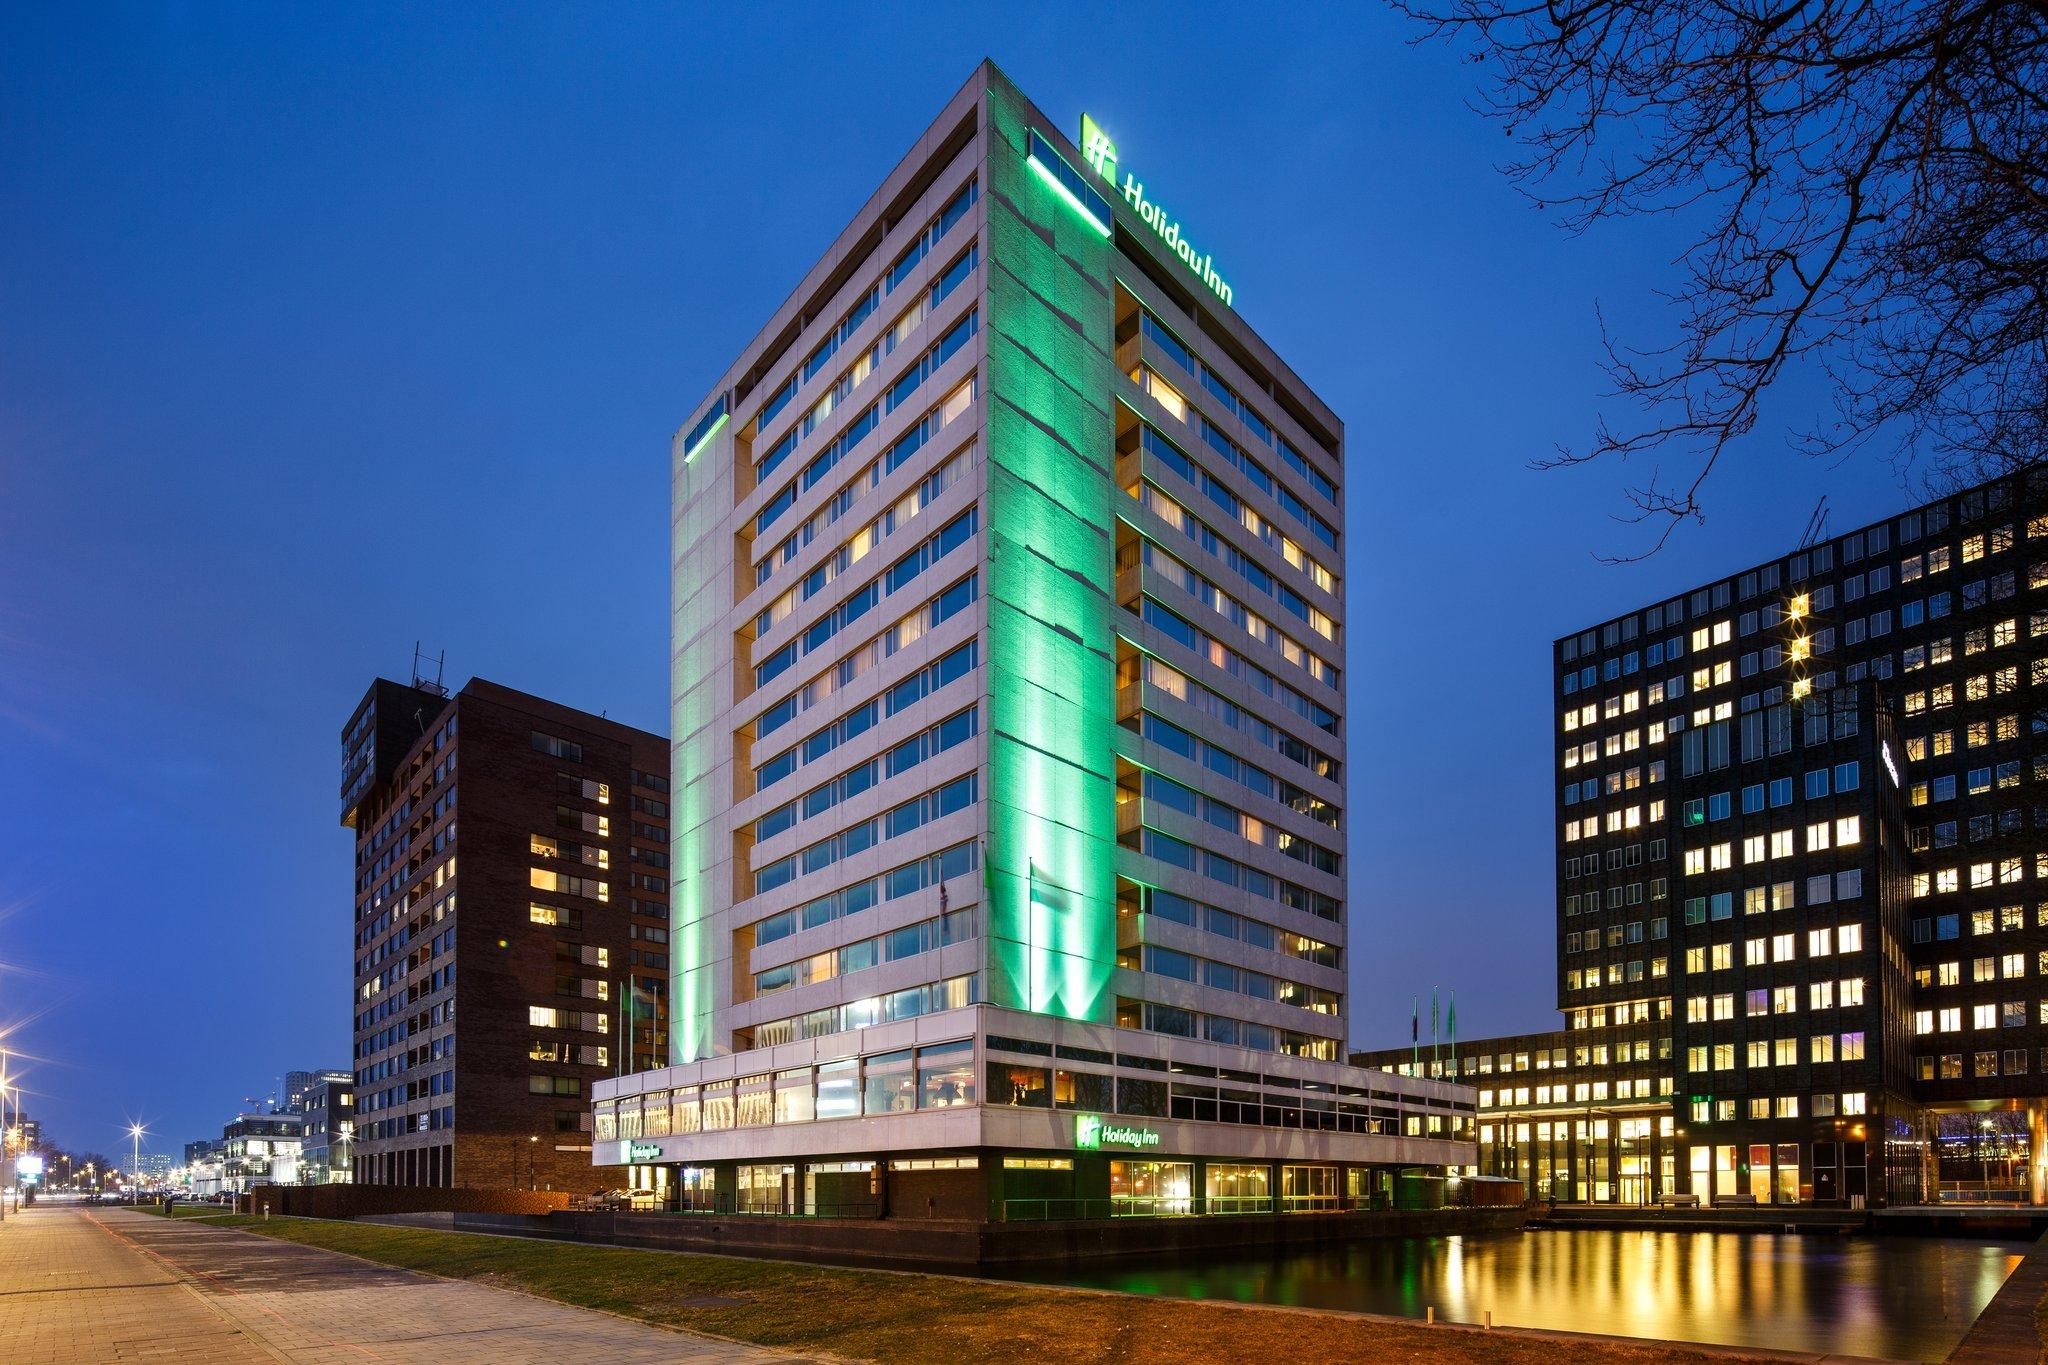 阿姆斯特丹假日酒店